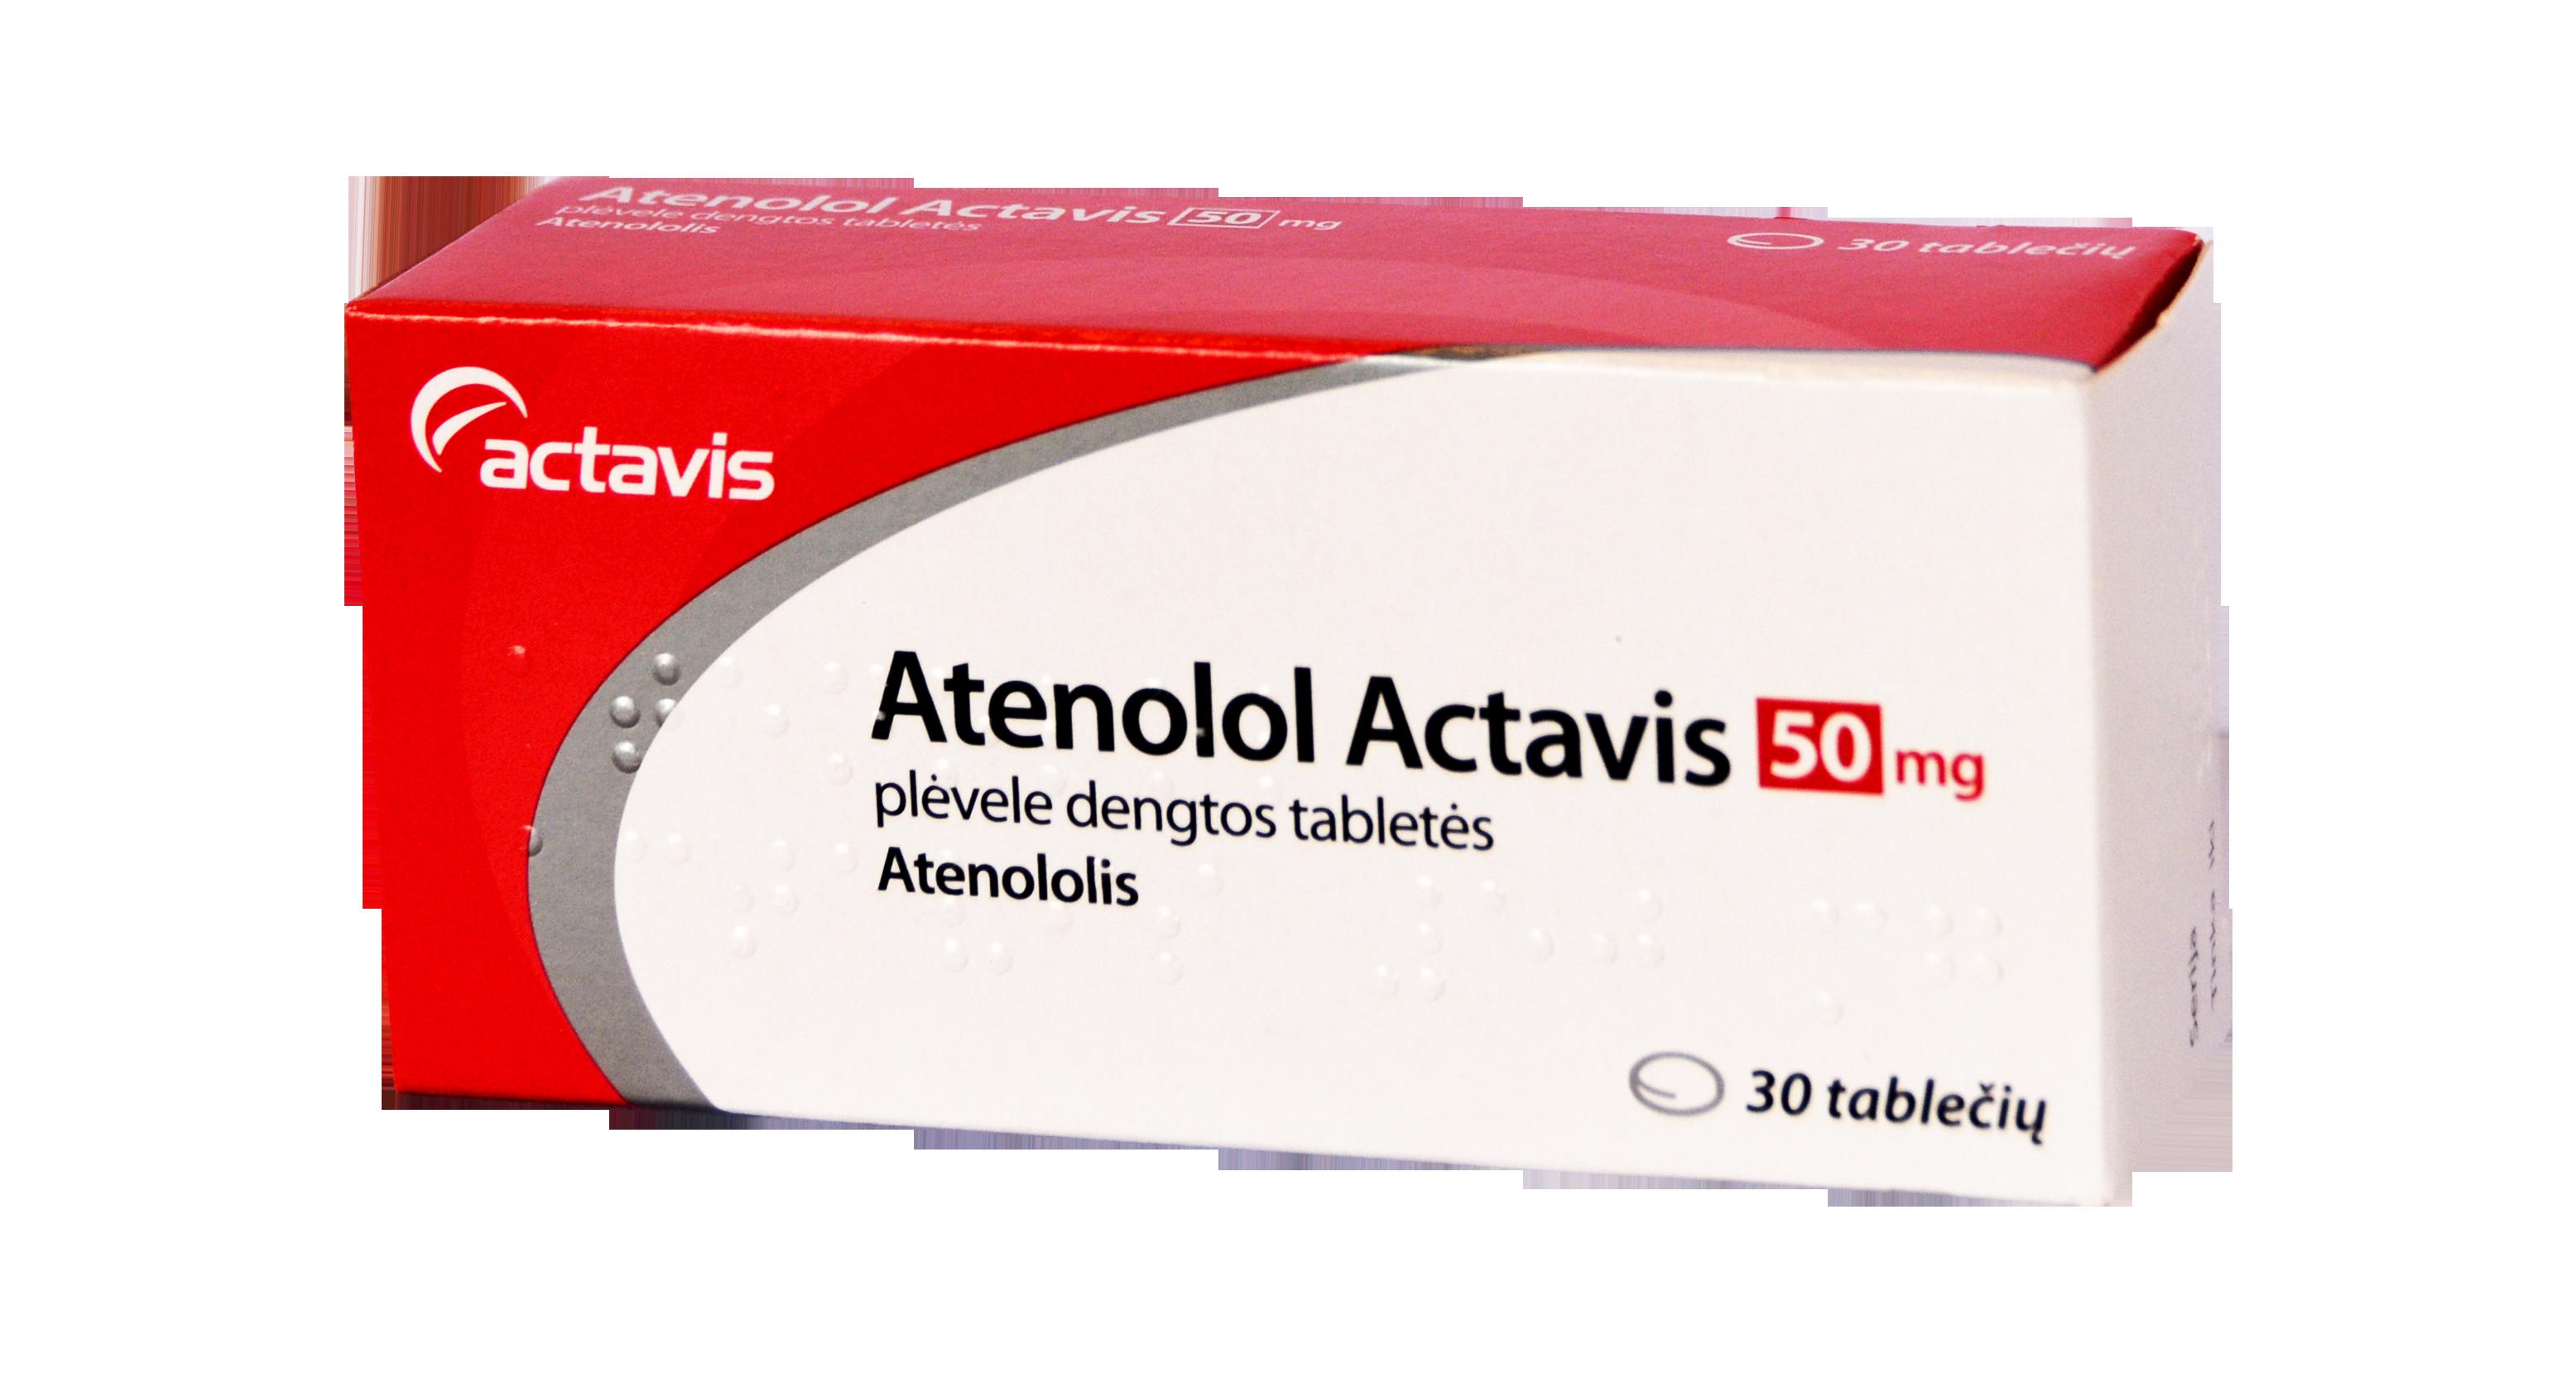 Atenolol Actavis   Vartojimas, šalutinis poveikis   taf.lt